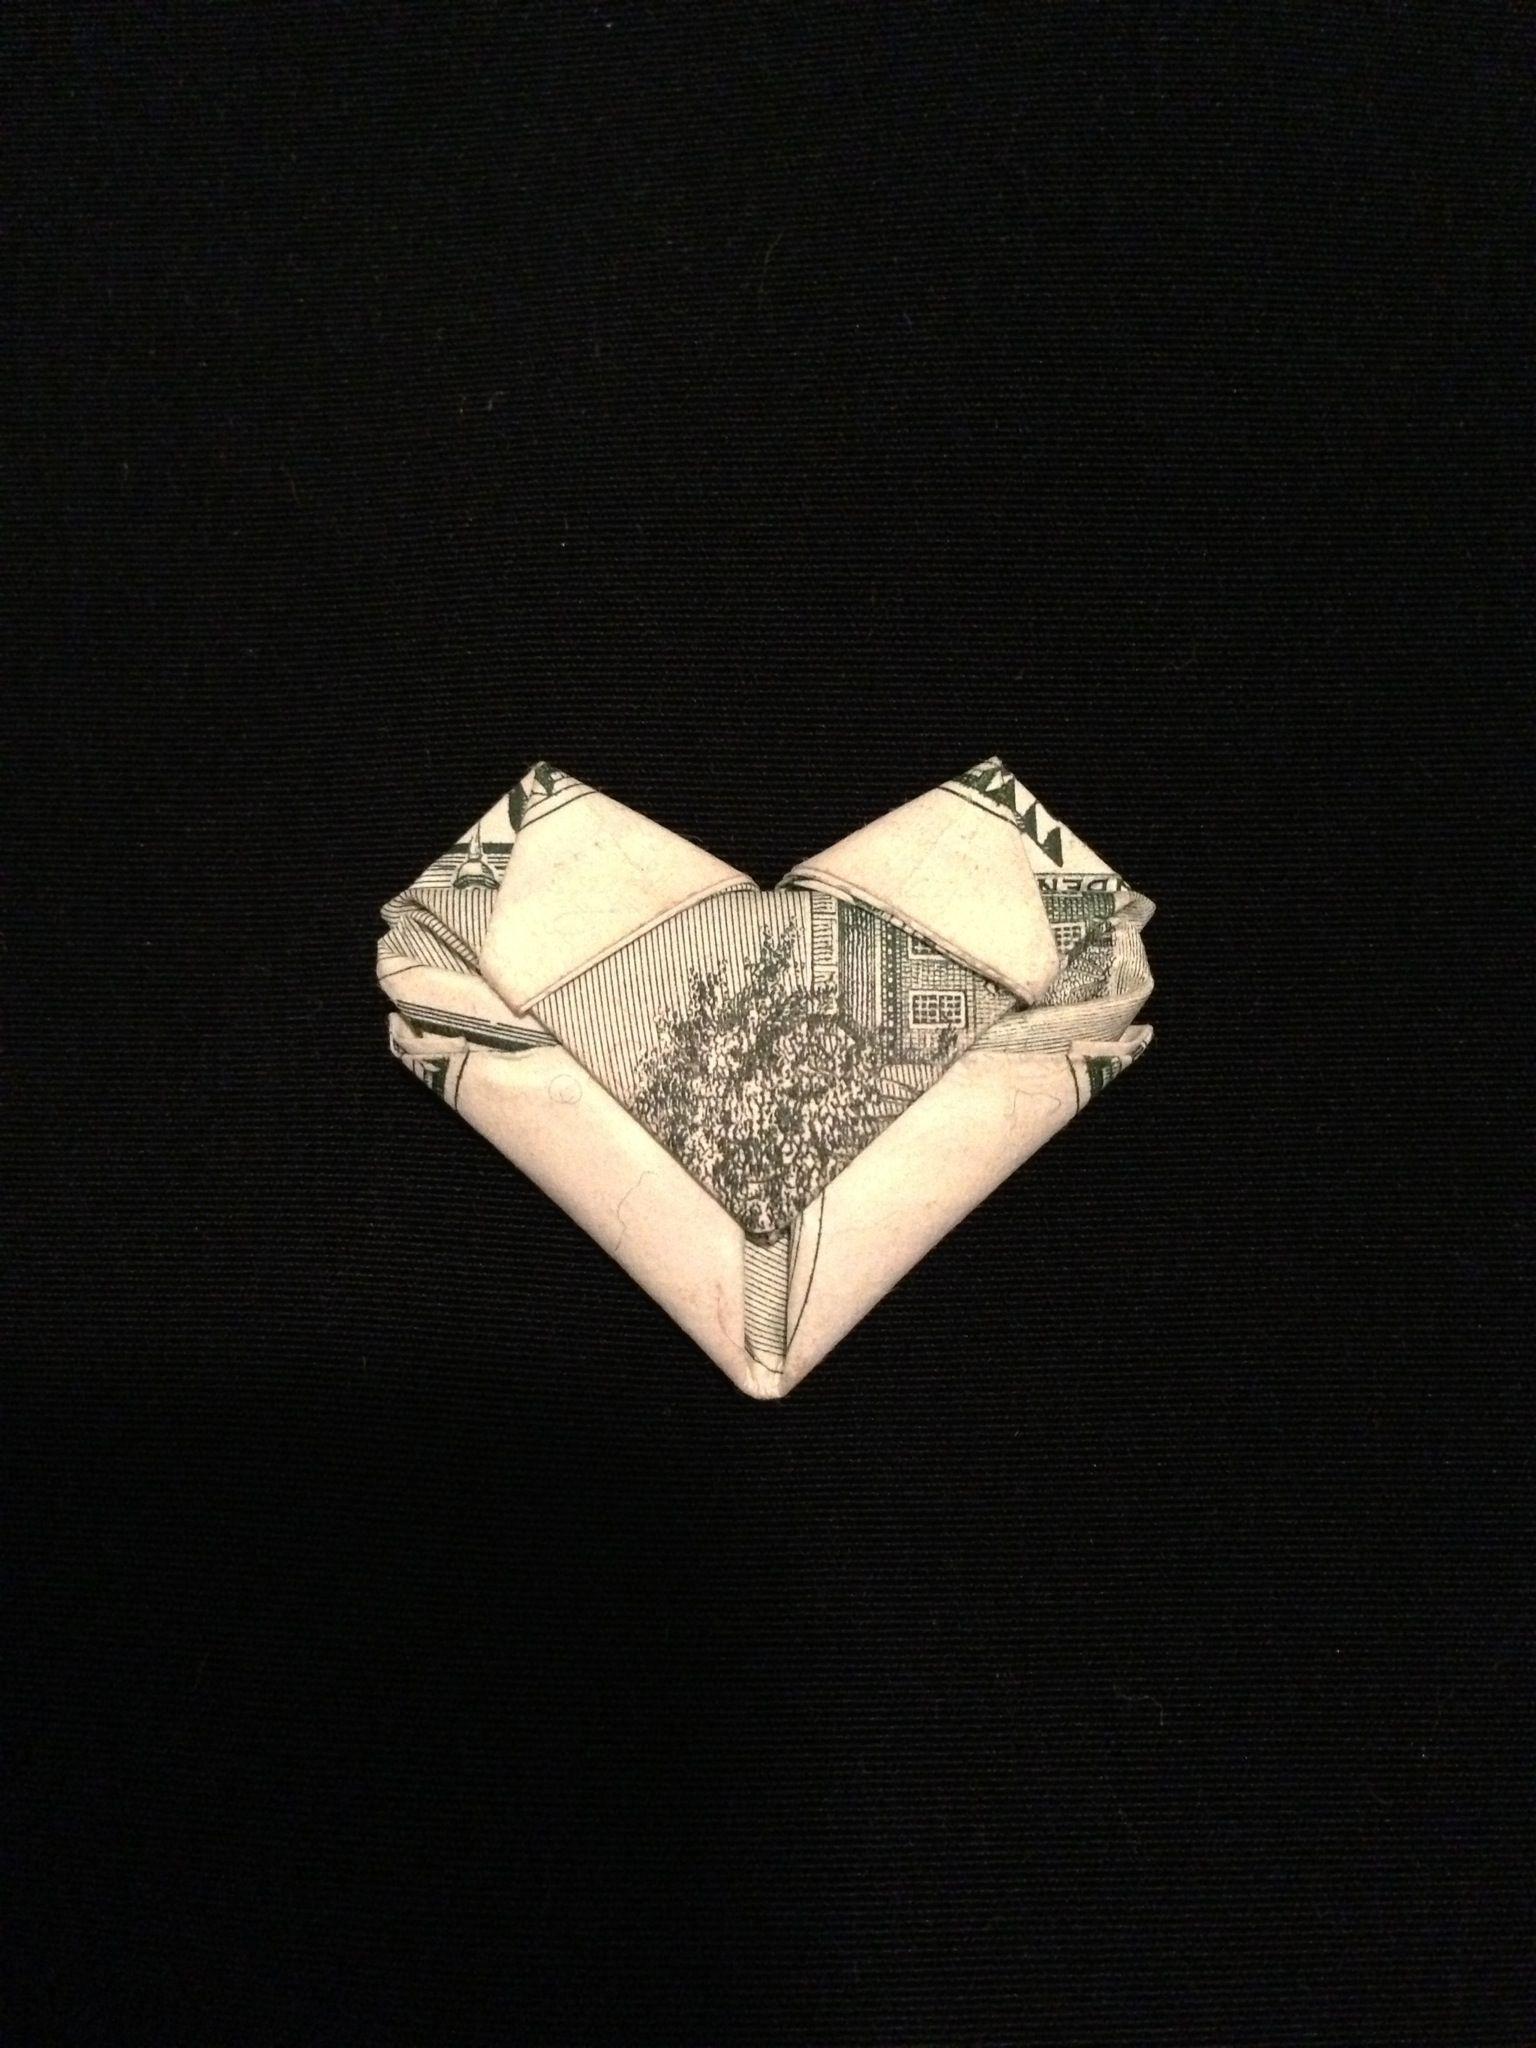 Origami how to fold dollarany bill into a heart gift giving origami how to fold dollarany bill into a heart jeuxipadfo Images